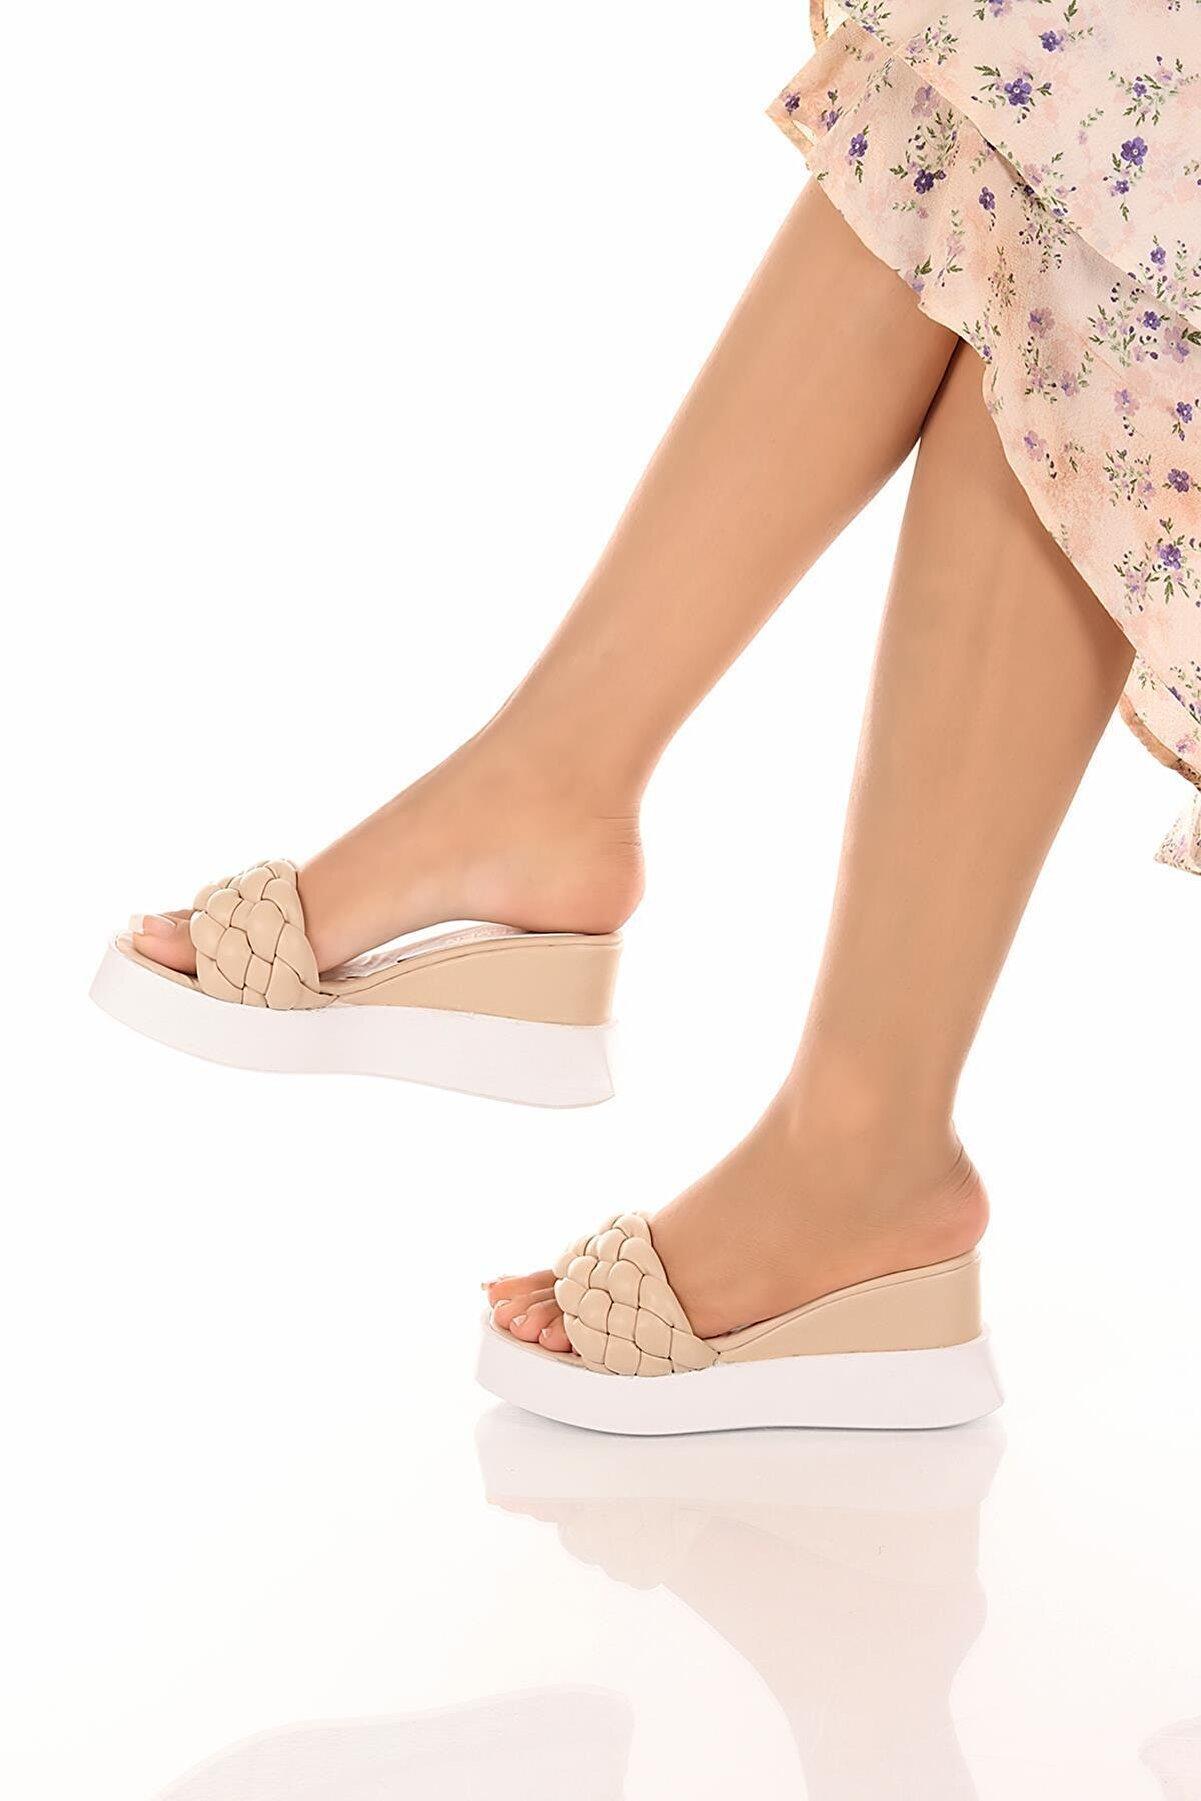 SOBY SHOES Kadın Günlük Rahat Ortopedik Taban El Örgüsü Sandalet Terlik Soby11030012